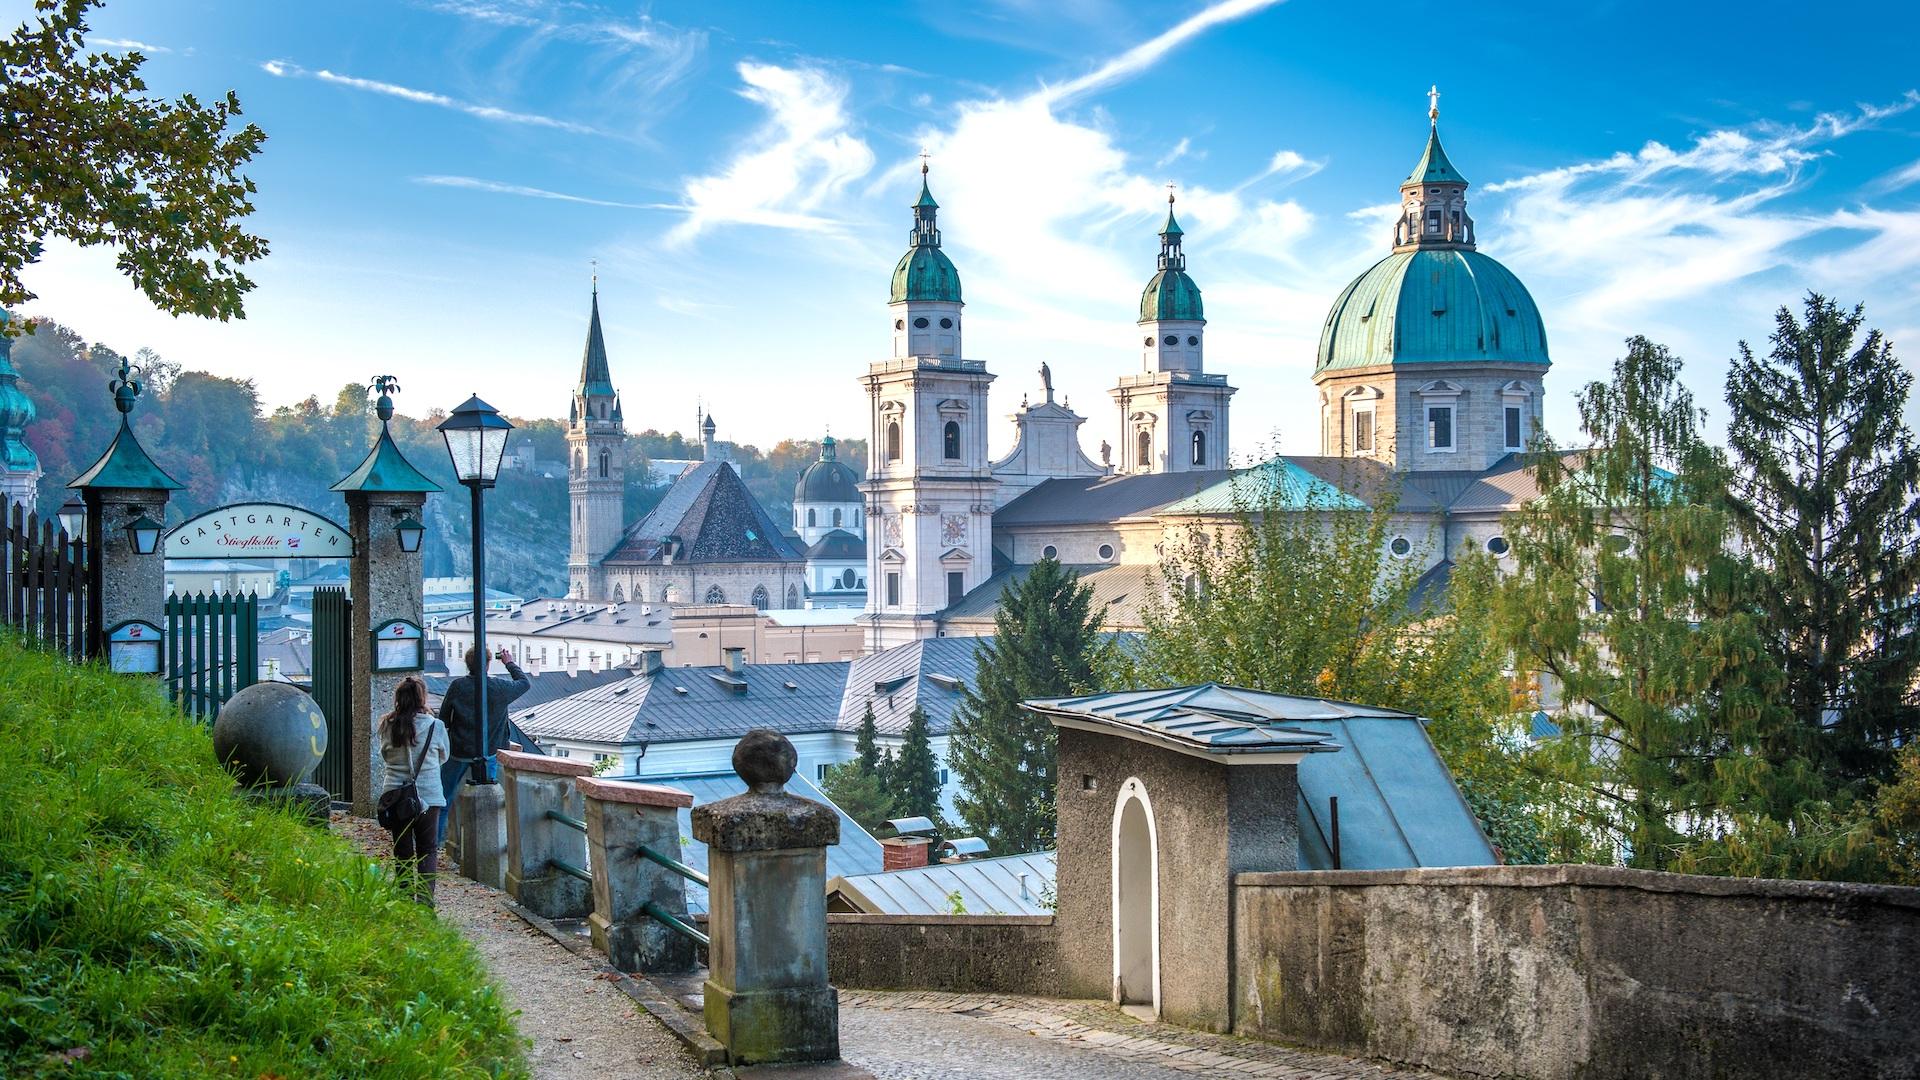 Las mejores ciudades para visitar en 2020, según Lonely Planet